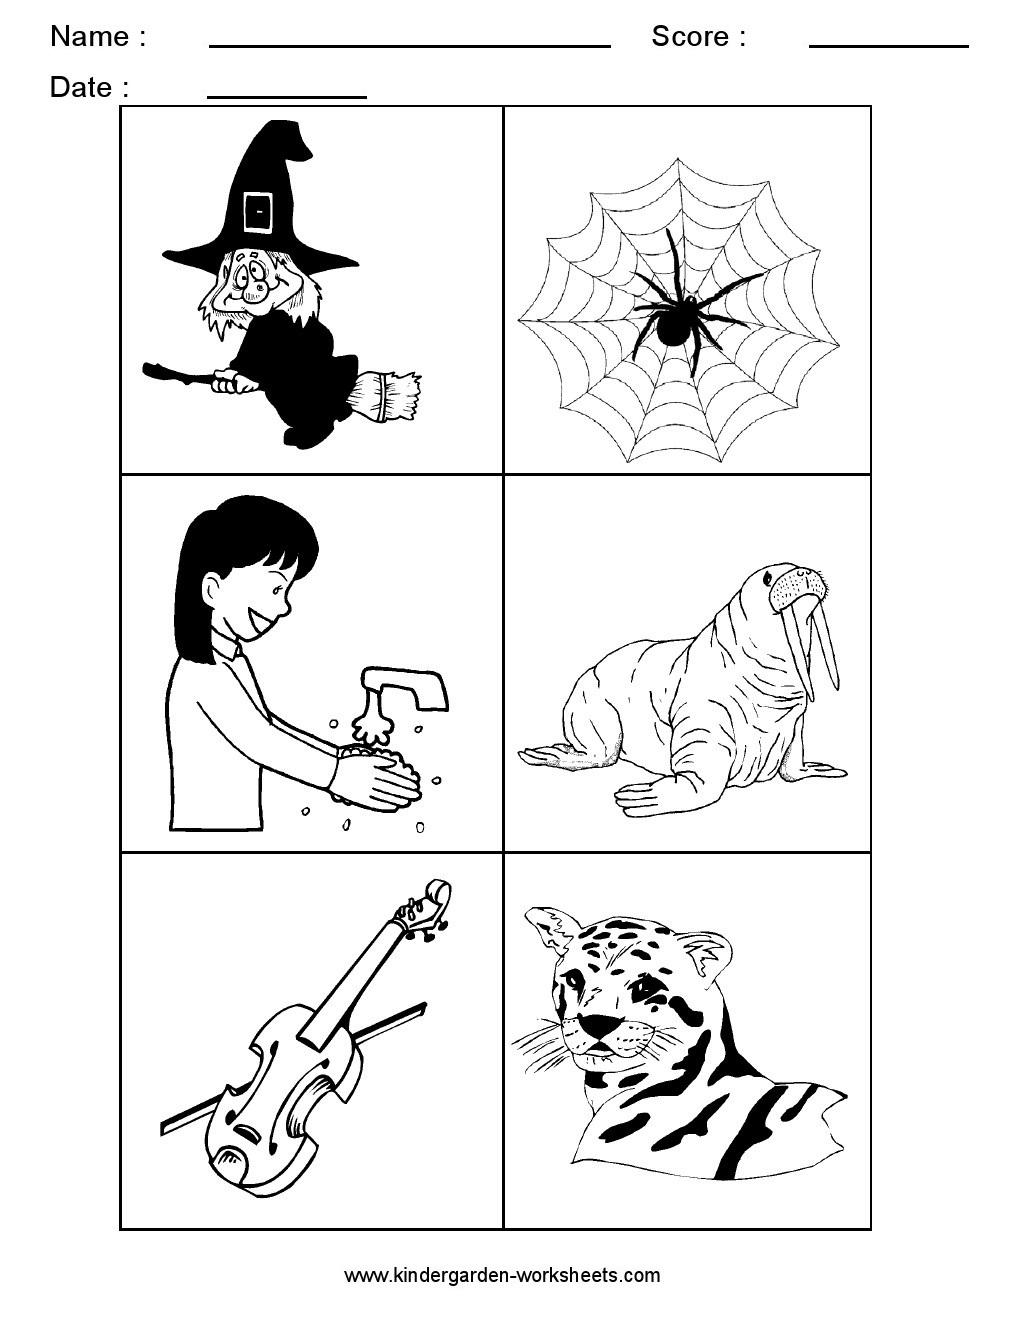 Workbooks sorting kindergarten worksheets : Kindergarten Worksheets: Alphabet Picture Cards - Alphabet Sorting ...